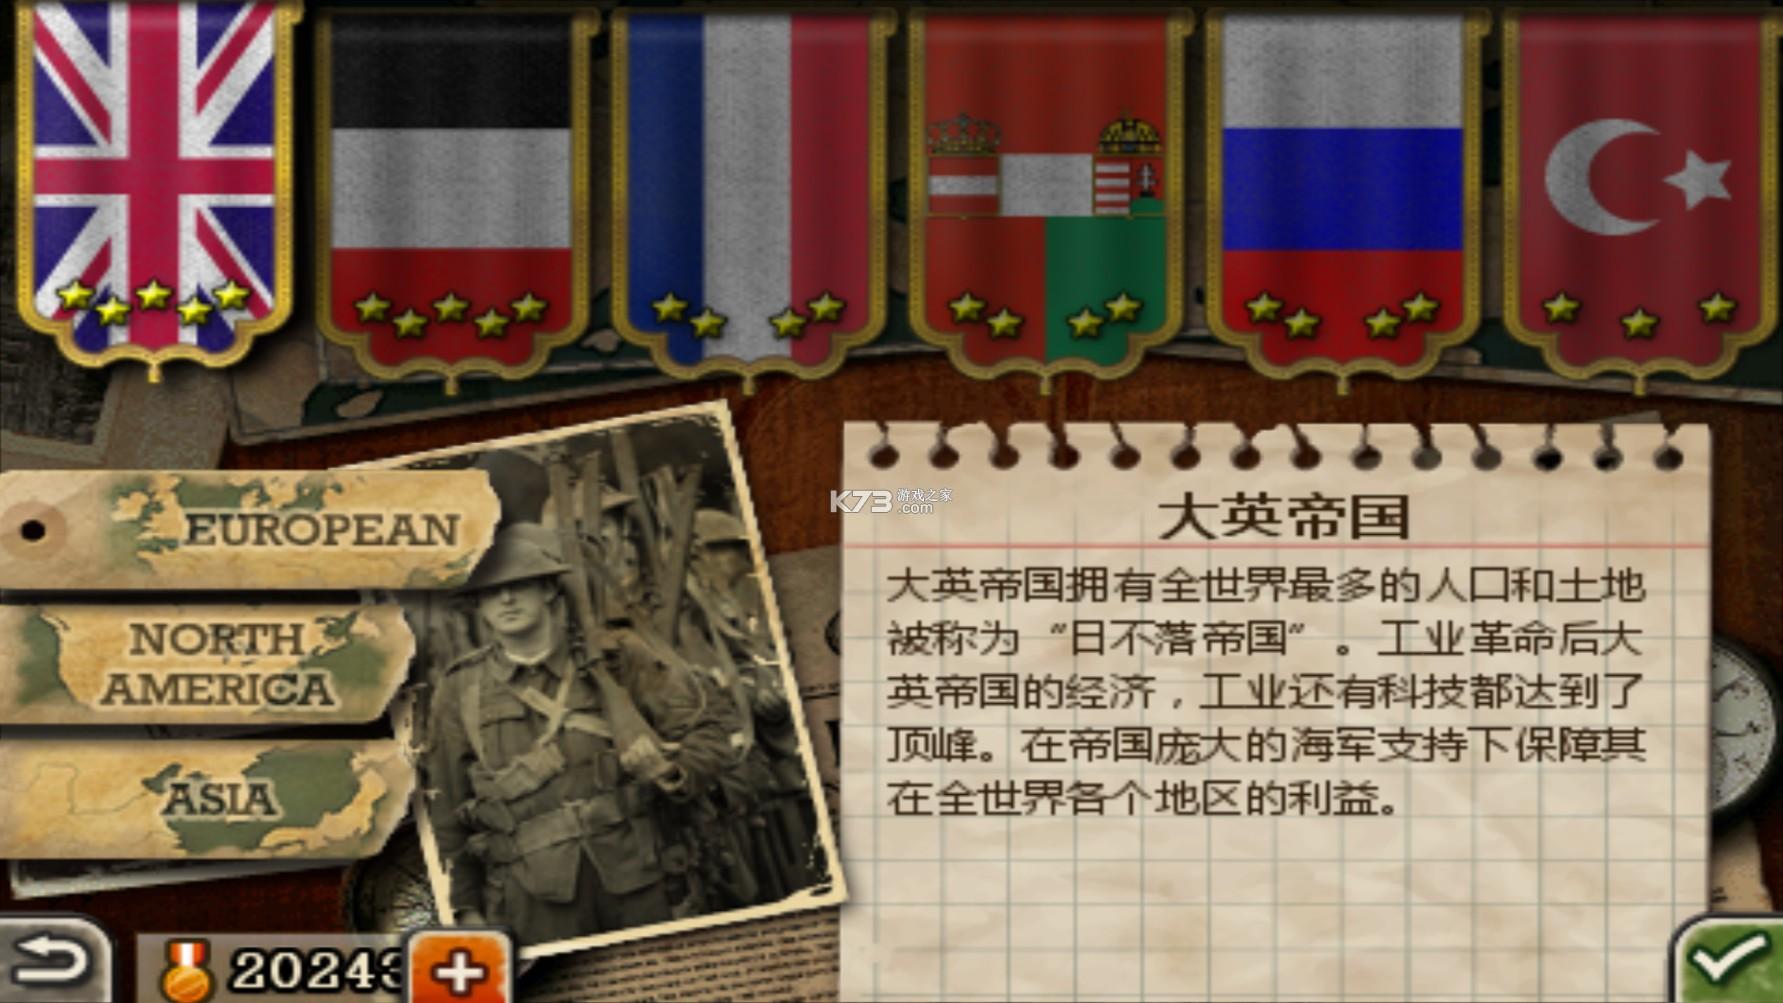 欧陆战争3 v2.2.0 官方中文版 截图